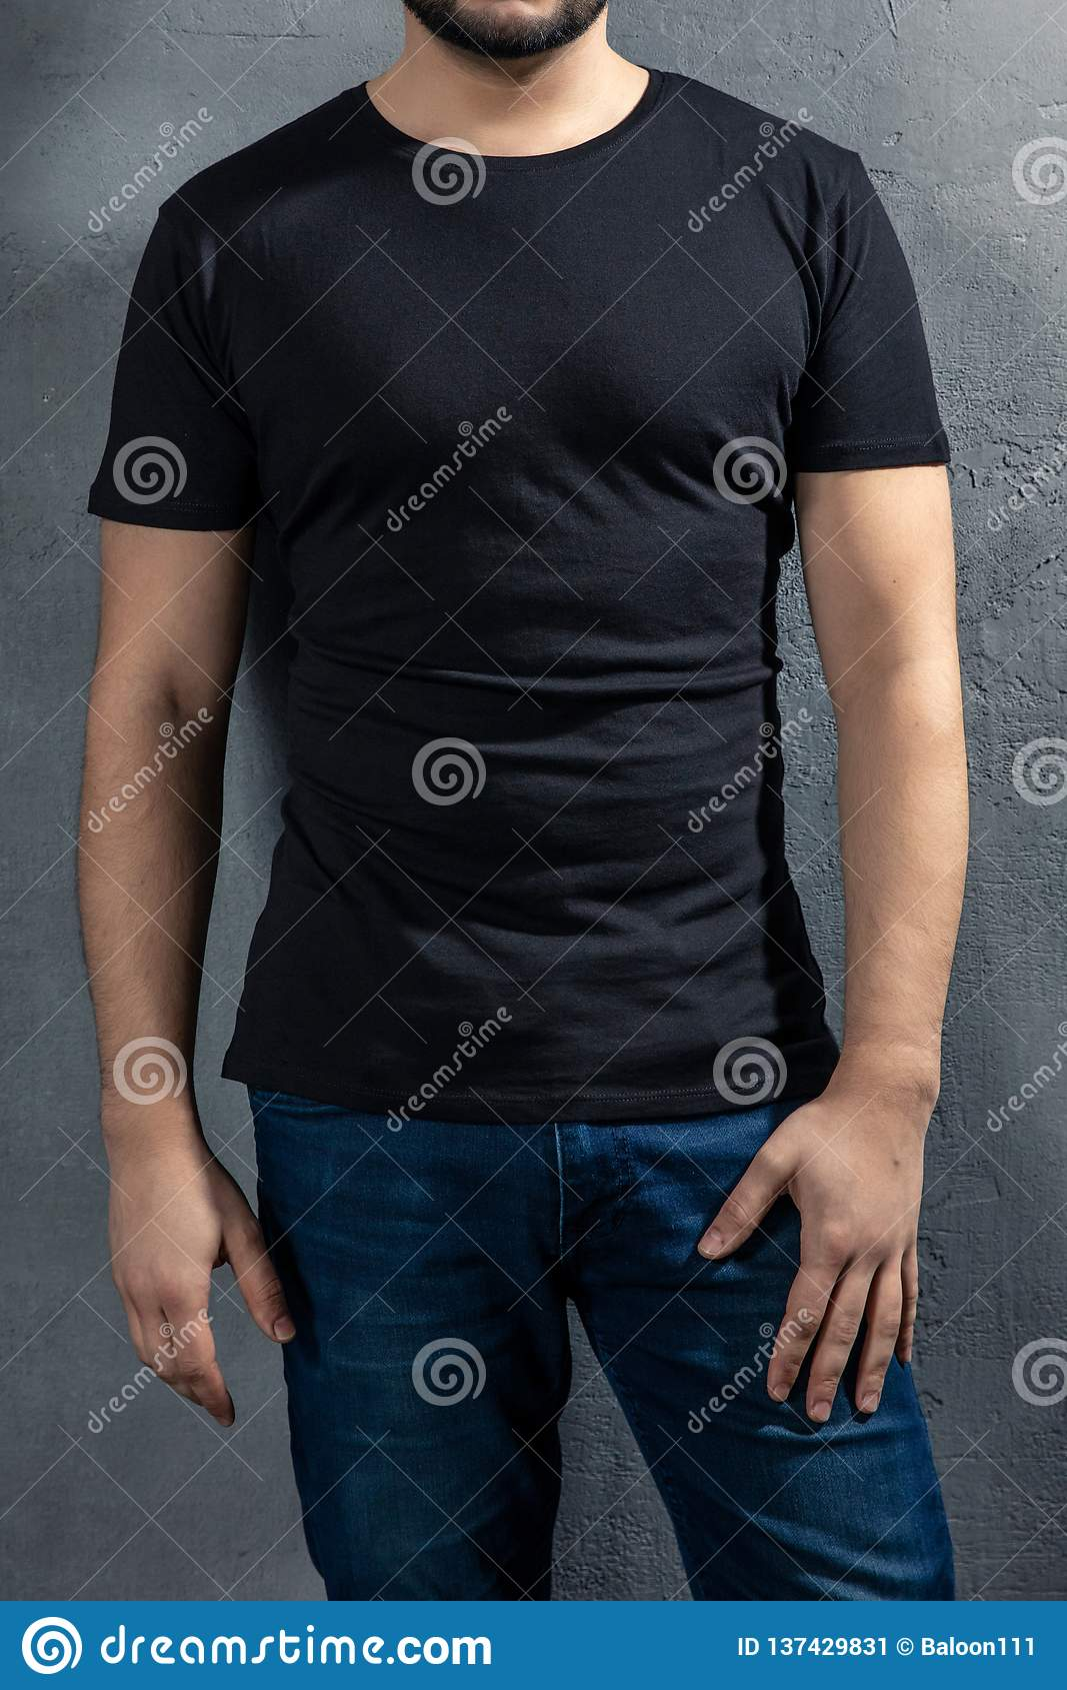 Νέος υγιής άνδρας με τη μαύρη μπλούζα στο συγκεκριμένο υπόβαθρο